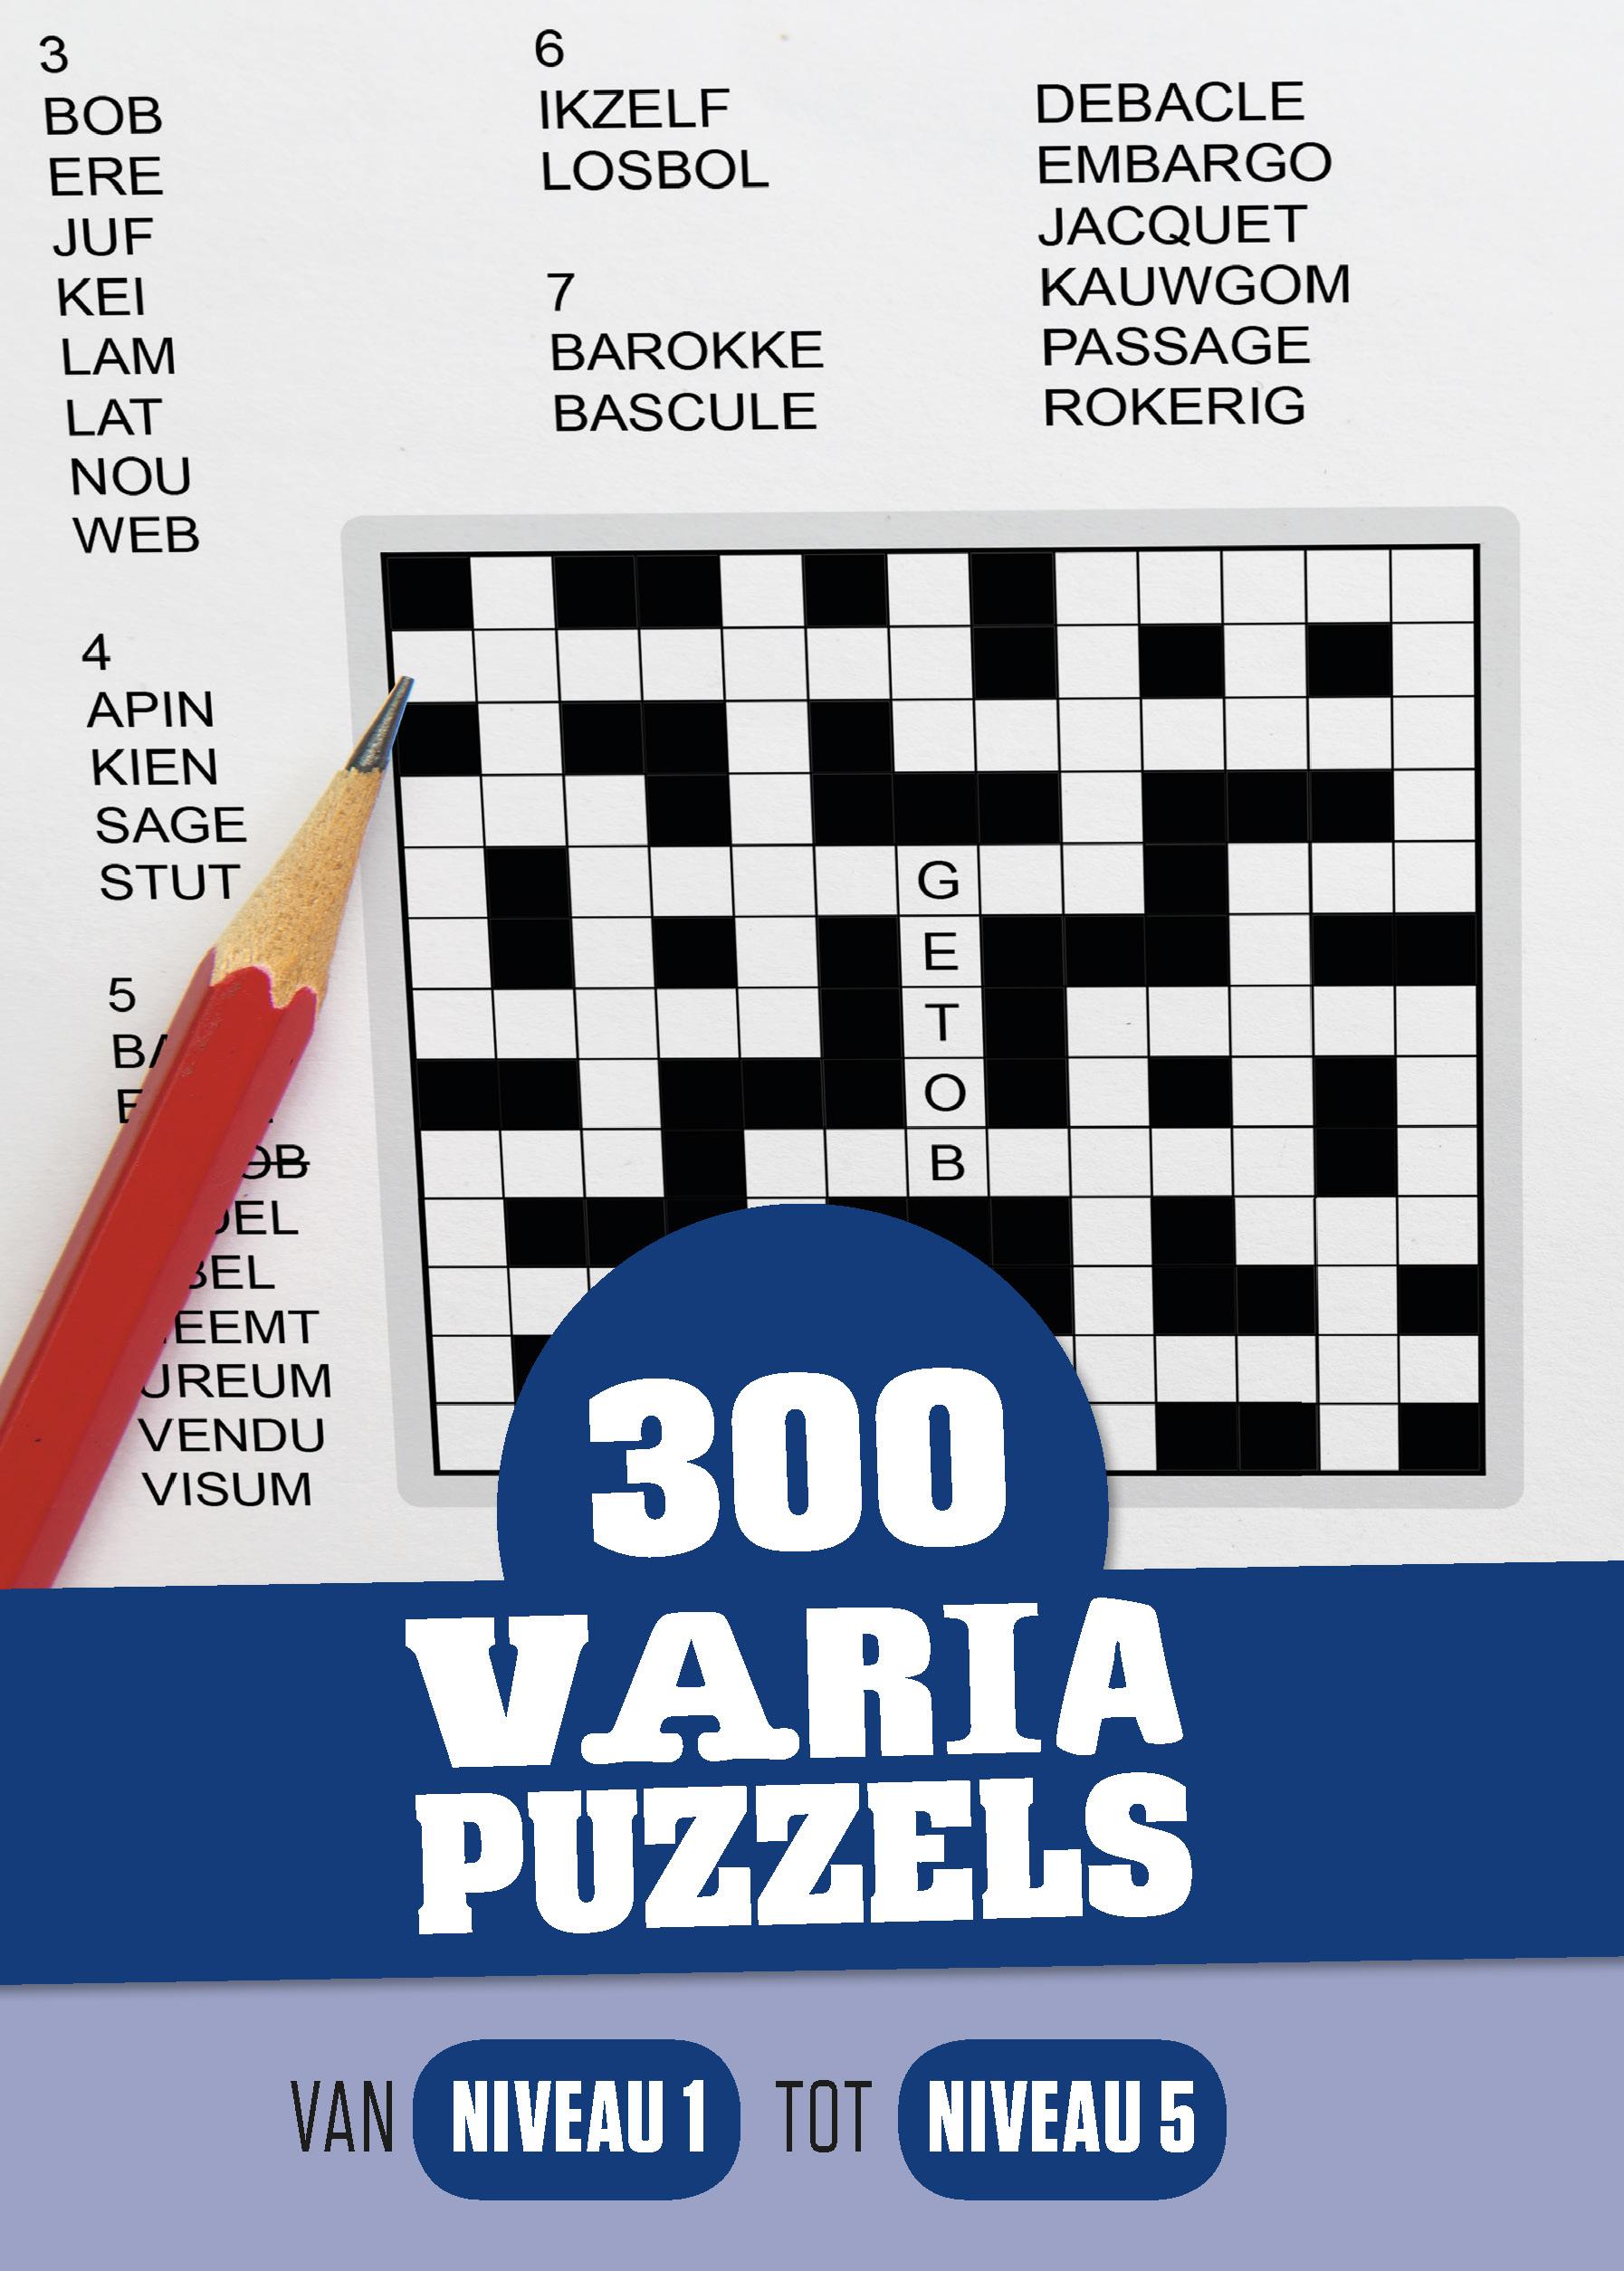 Cover 300 Varia puzzels: een foto van een Zweedse puzzel